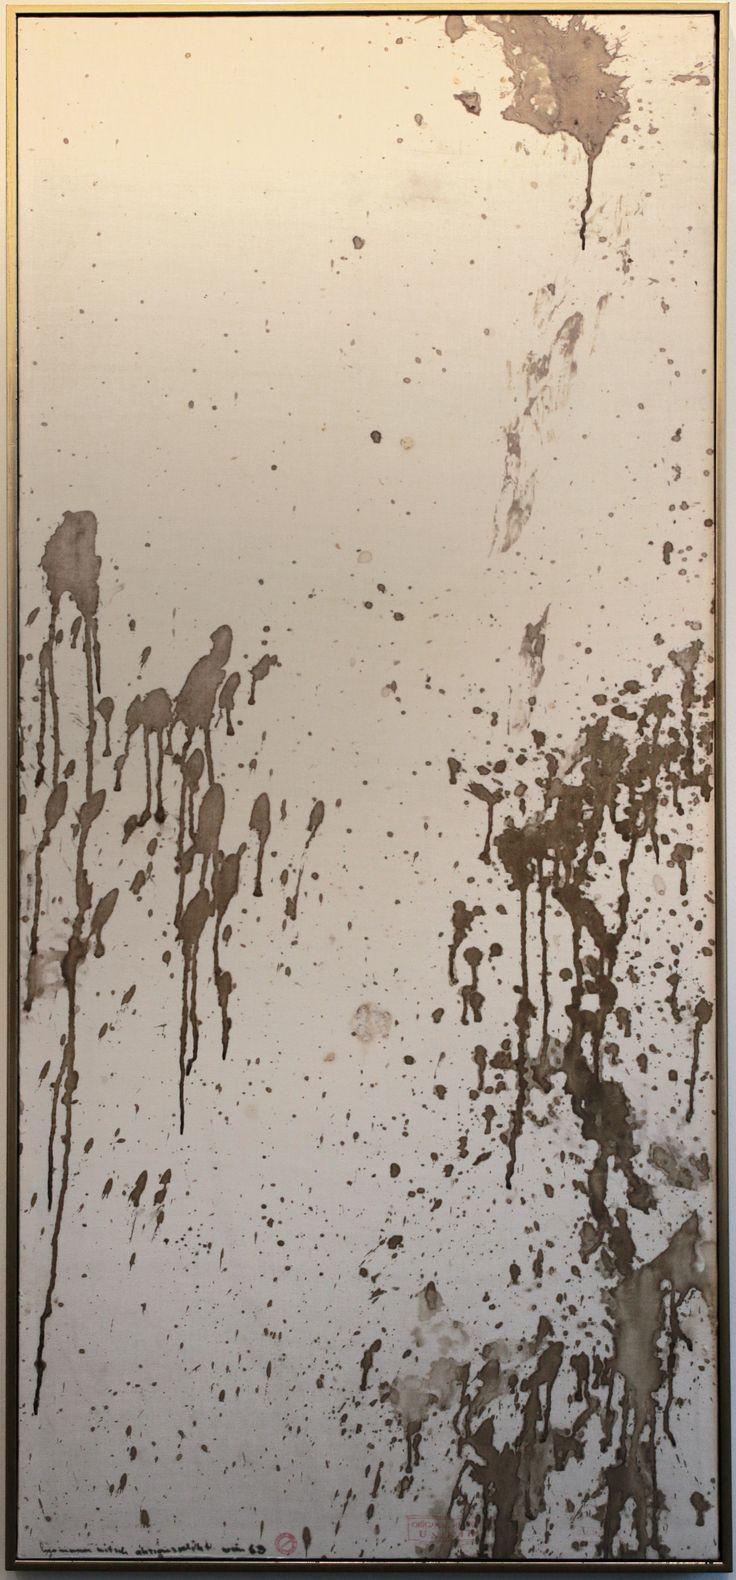 Hermann Nitsch, (Wien, 1938), Relikt 3.Aktion, 1963, Sangue su tela / Blut auf Leinwand, 188 x 83 cm